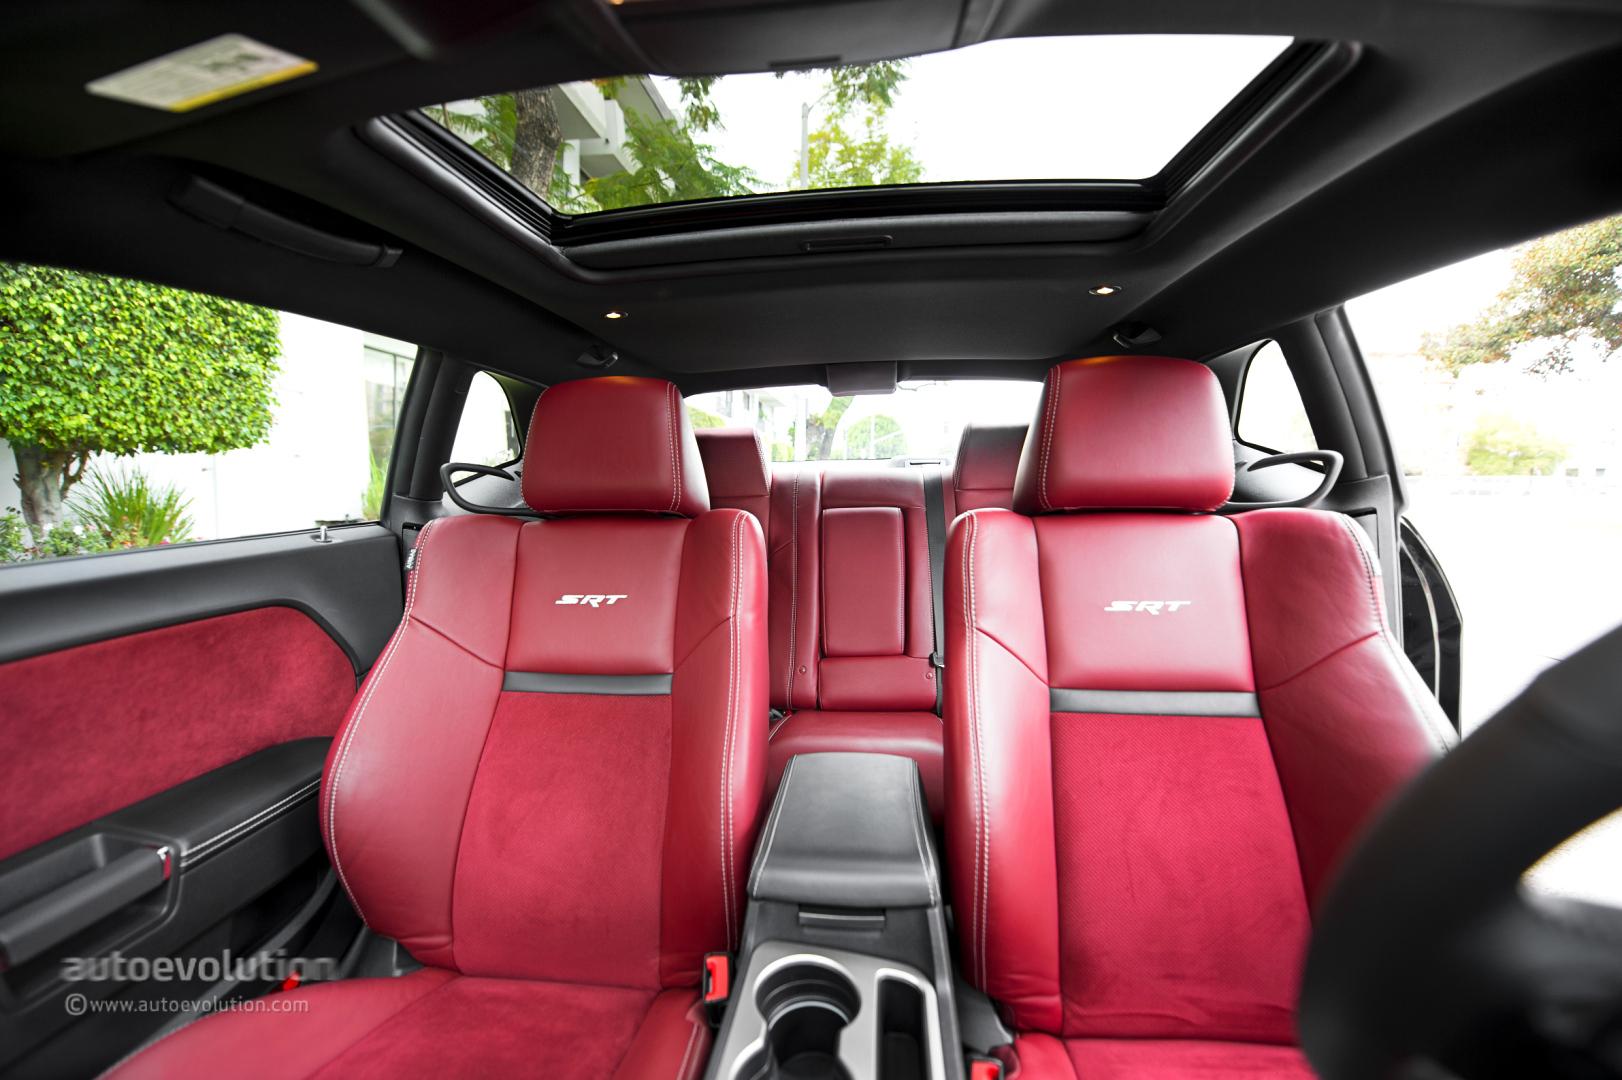 2009 DODGE CHALLENGER SRT8 CUSTOM 2 DOOR COUPE - 170122  |Dodge Challenger Srt8 2015 Interior